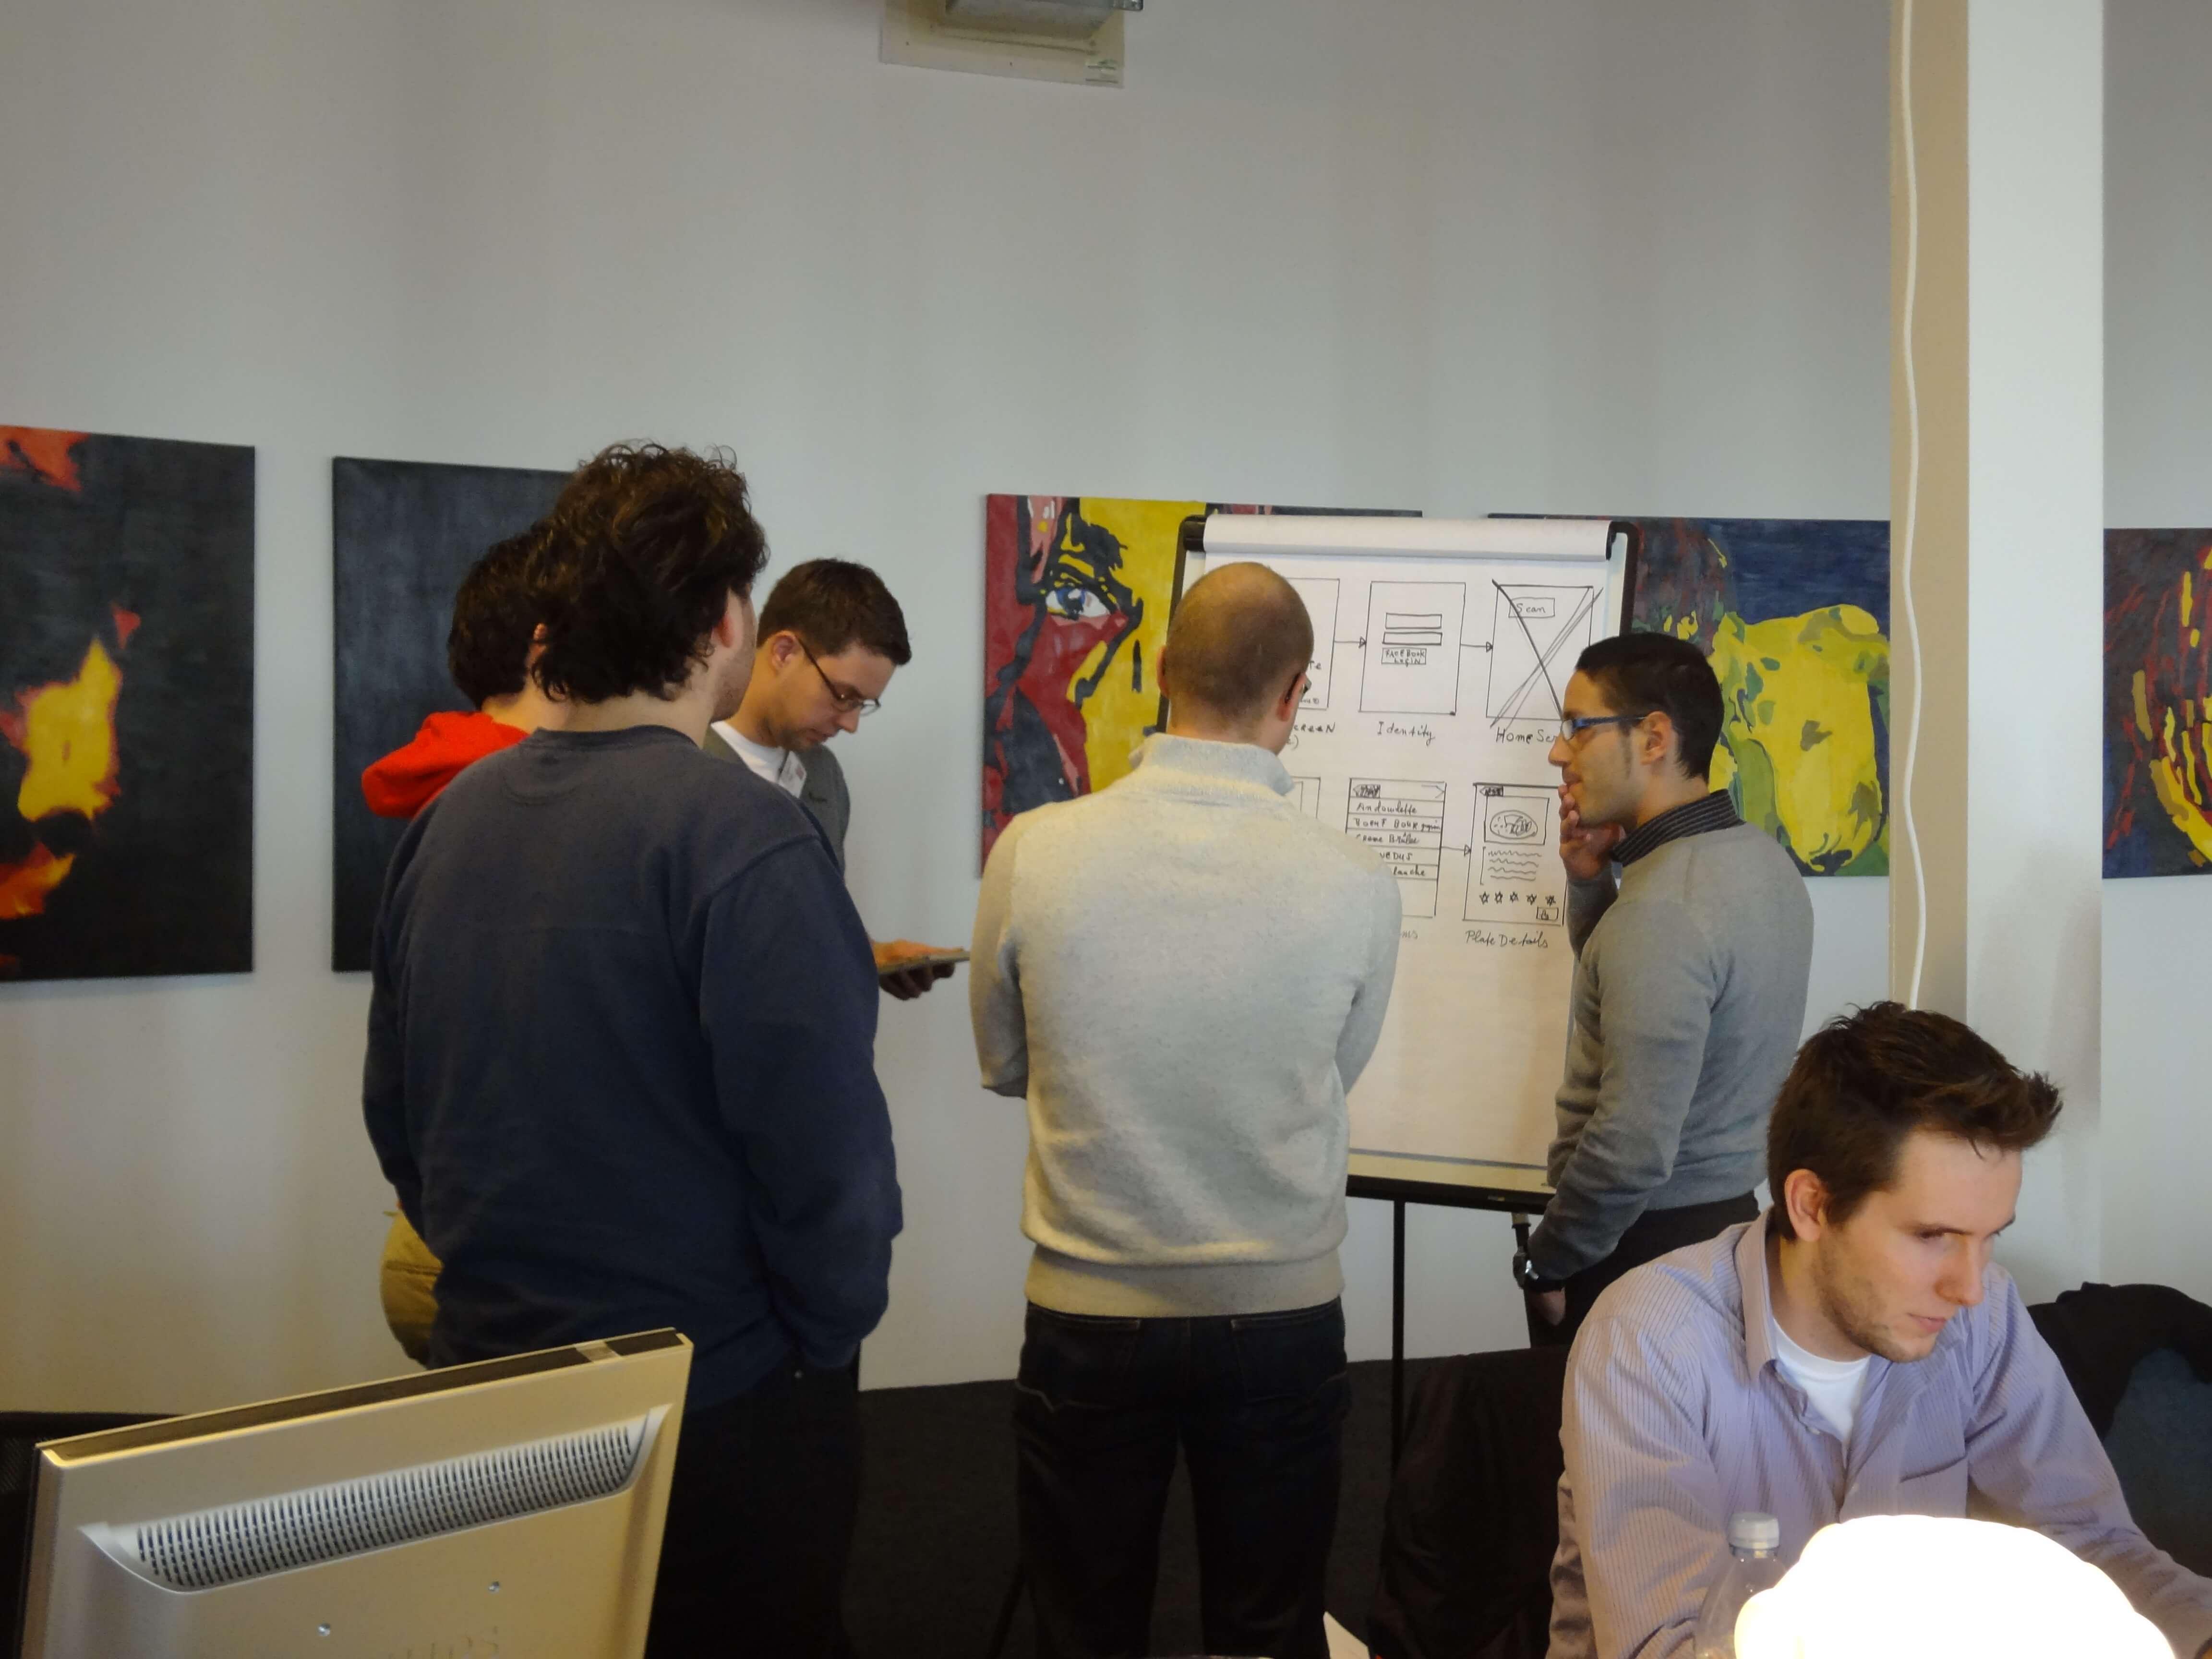 5 mensen voor een whiteboard die overleggen